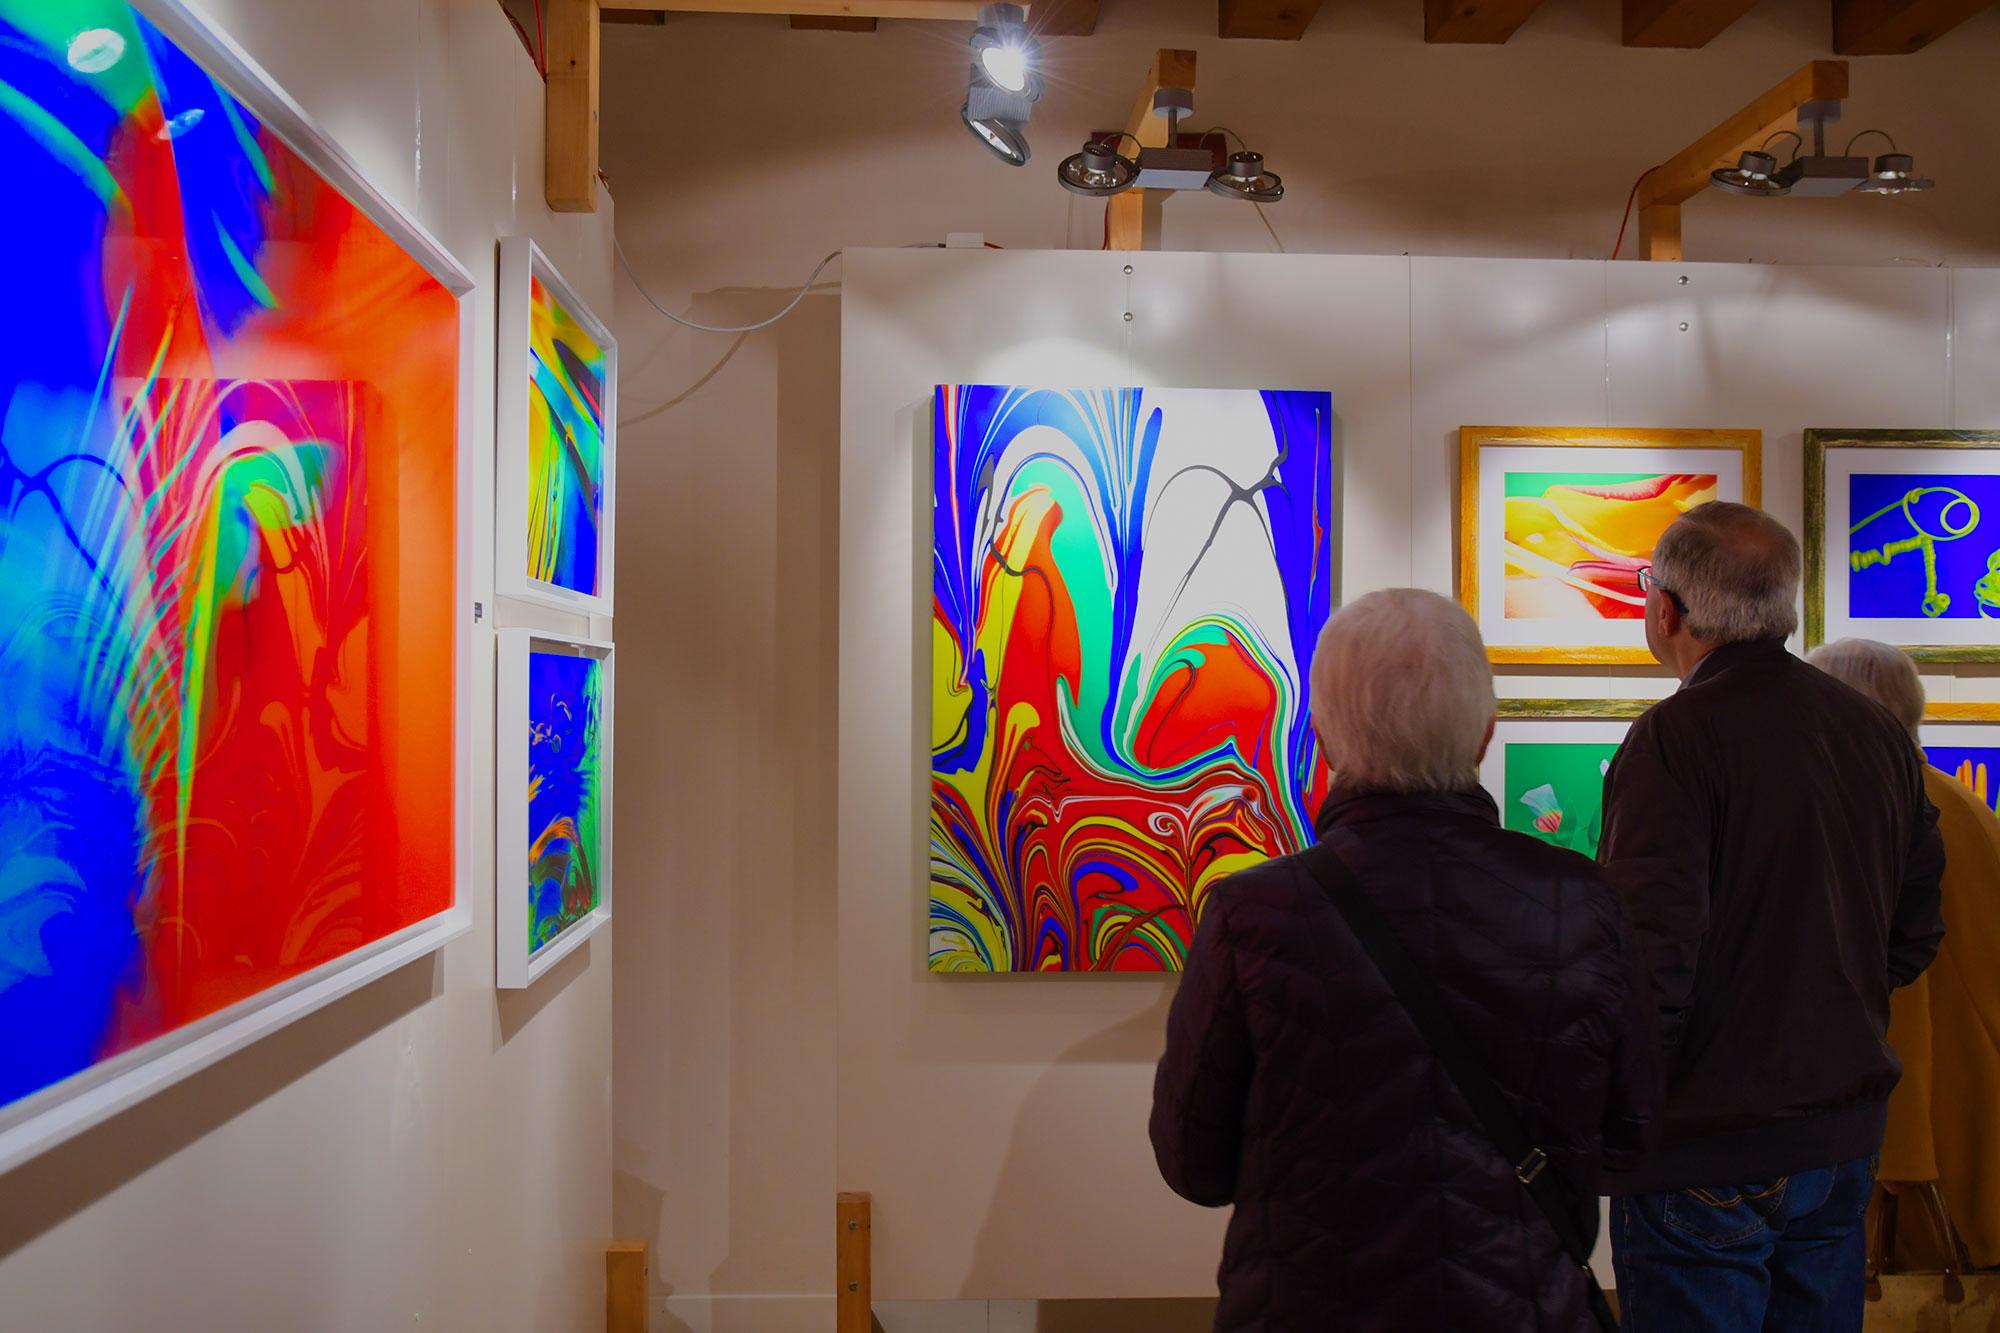 Mostra dei quadri moderni e astratti su tela di Eugenio Tocchet